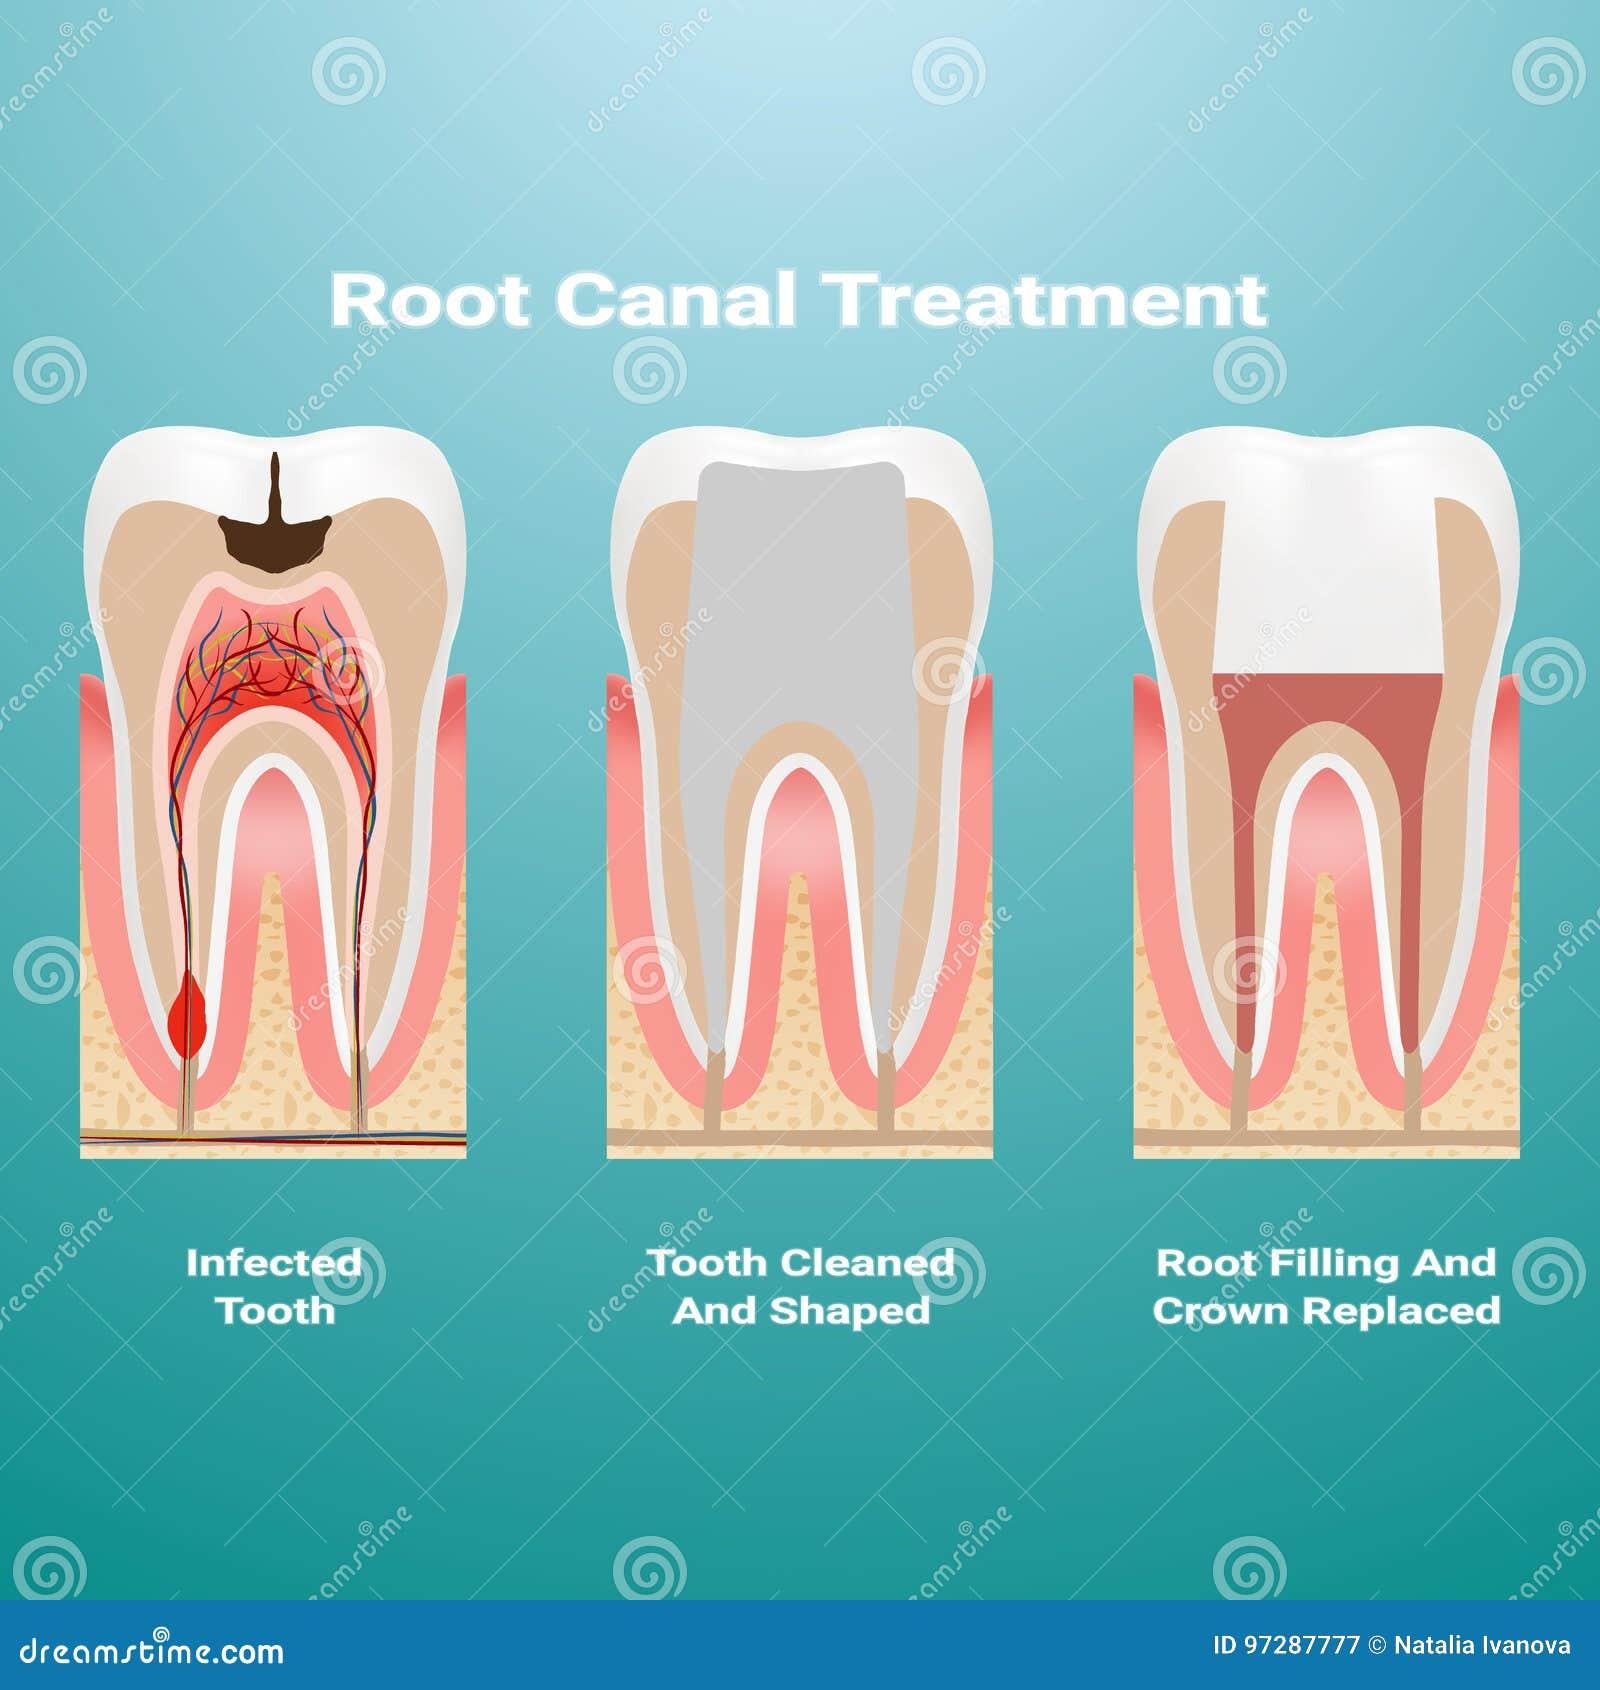 Pulpitis terapia de la endodoncia La pulpa infectada se quita del diente y el espacio ocupado por él se limpia y se llena de un G